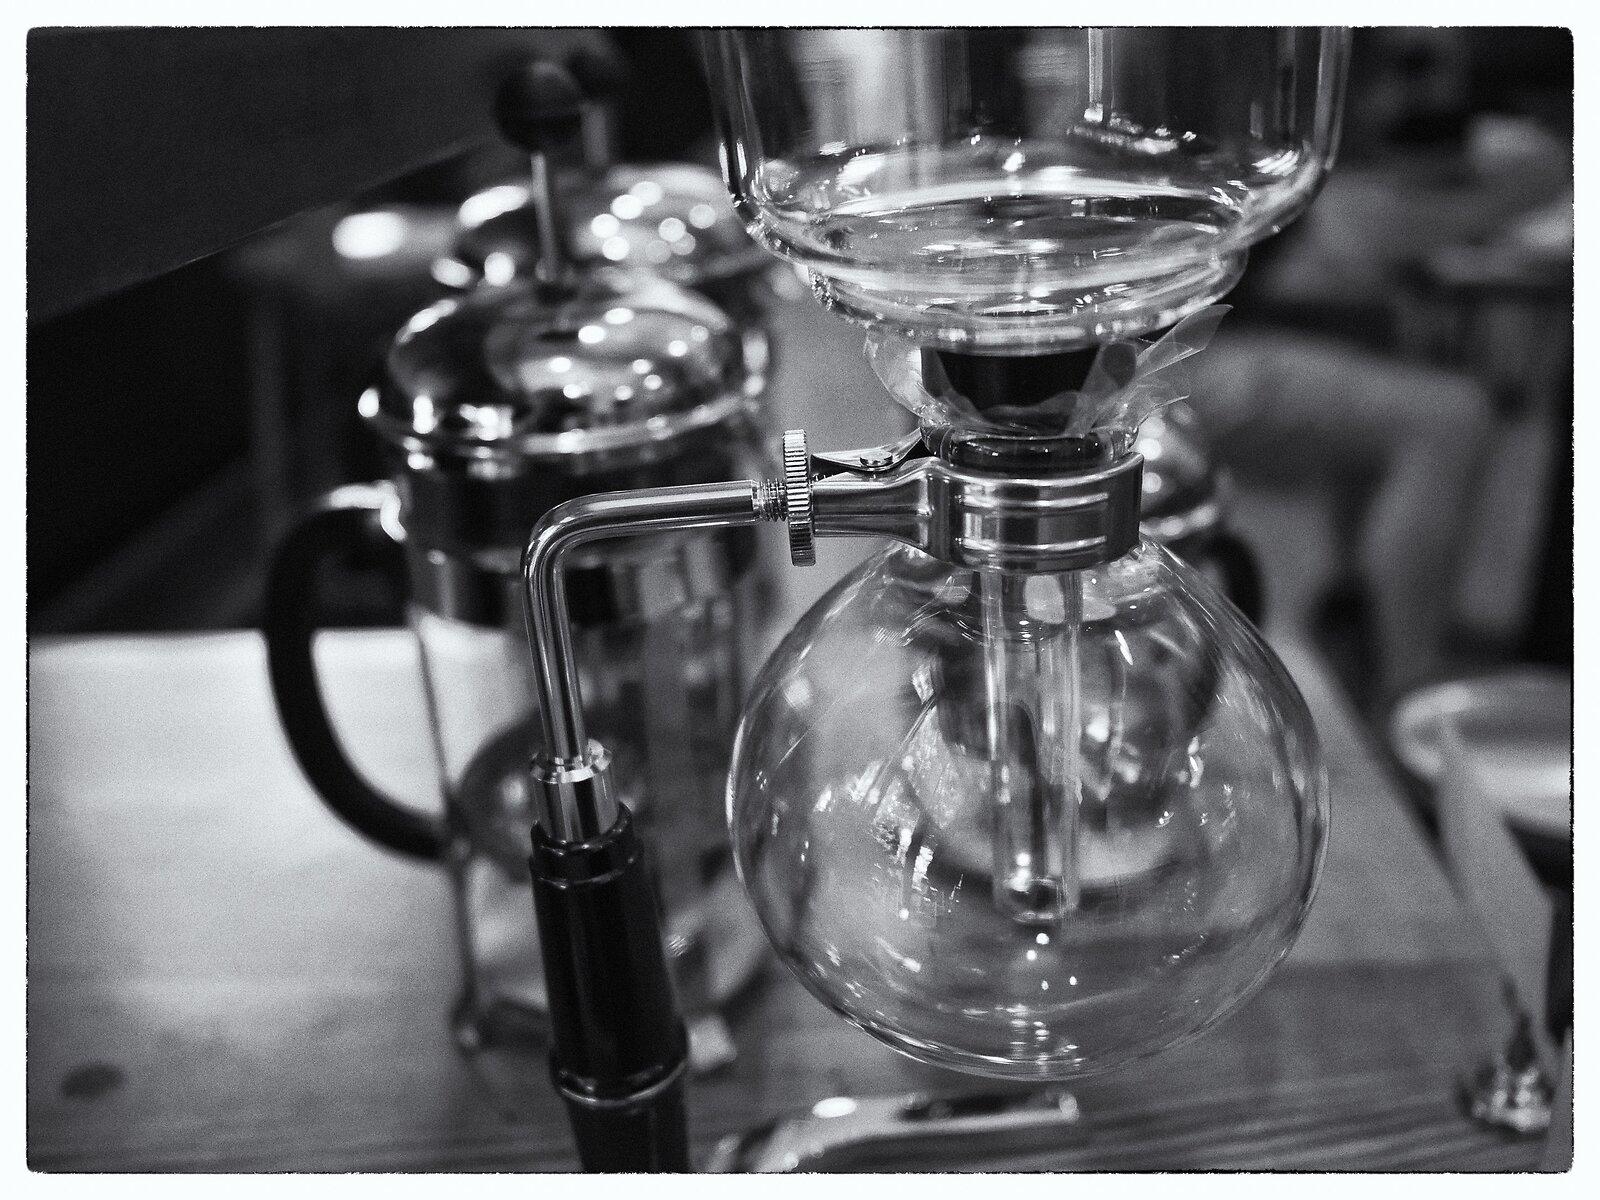 GX9_Jun16_21_coffee_maker(monochrome).jpg